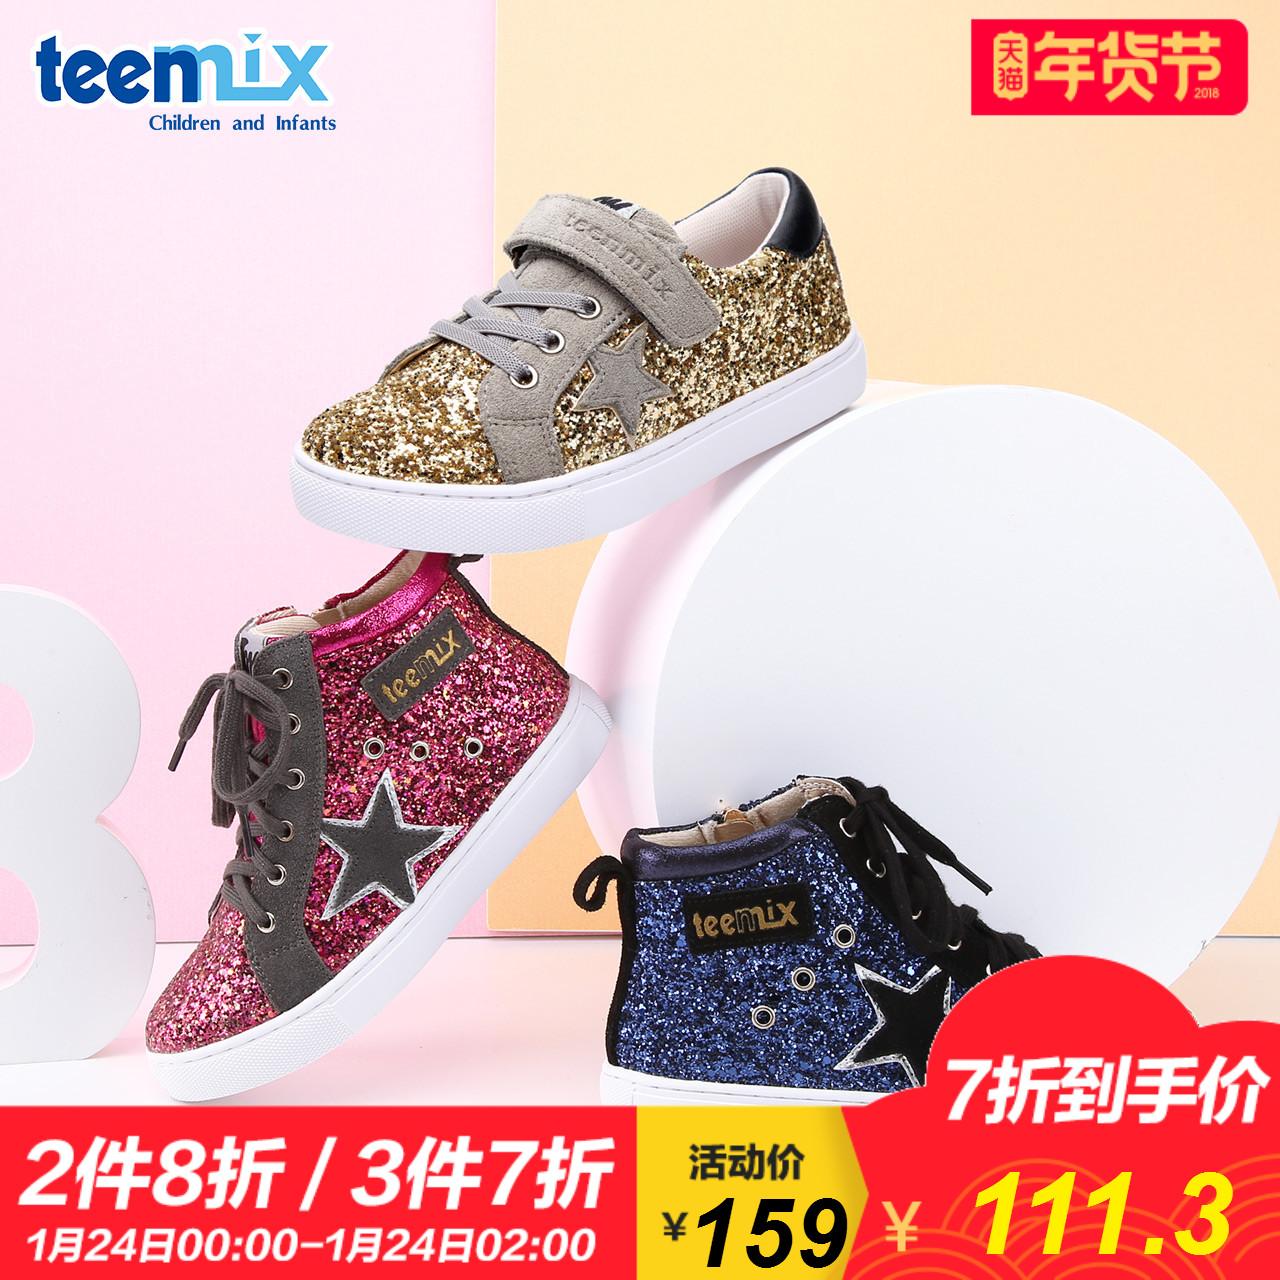 天美意童鞋儿童运动鞋2017冬季新款中大童牛皮绒皮板鞋女童休闲鞋